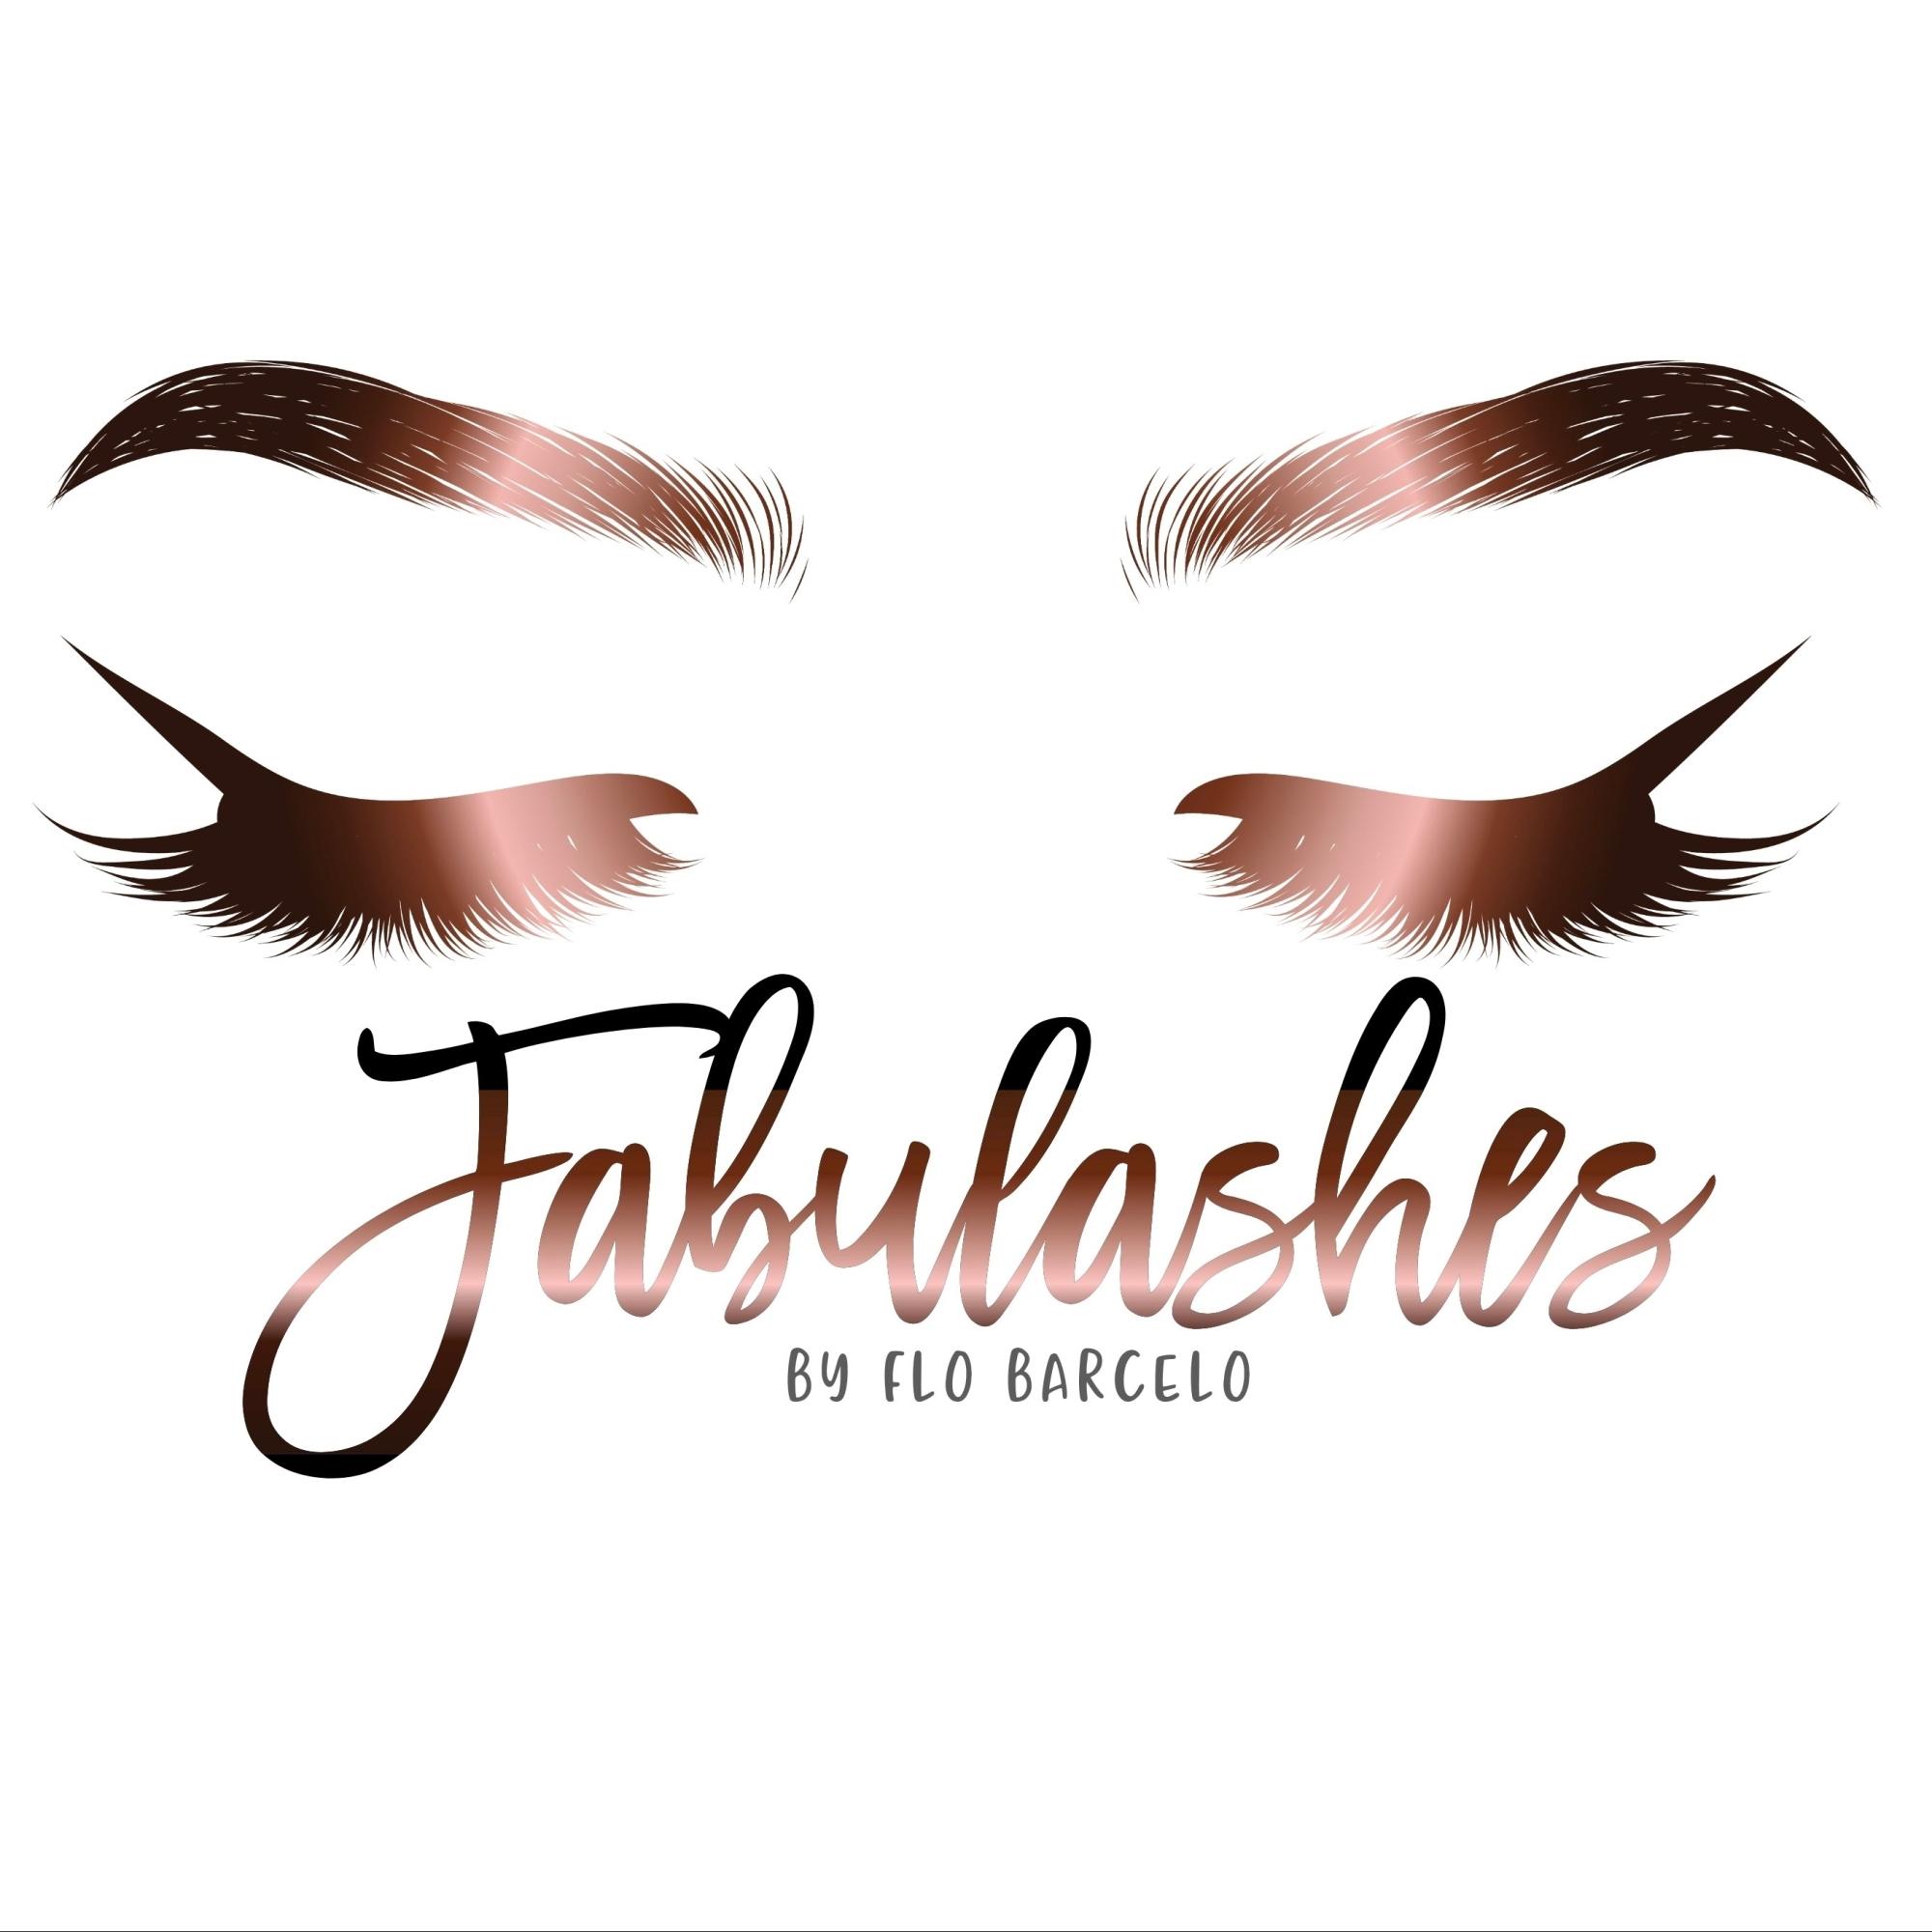 flobarcelo.com - Fabulashes